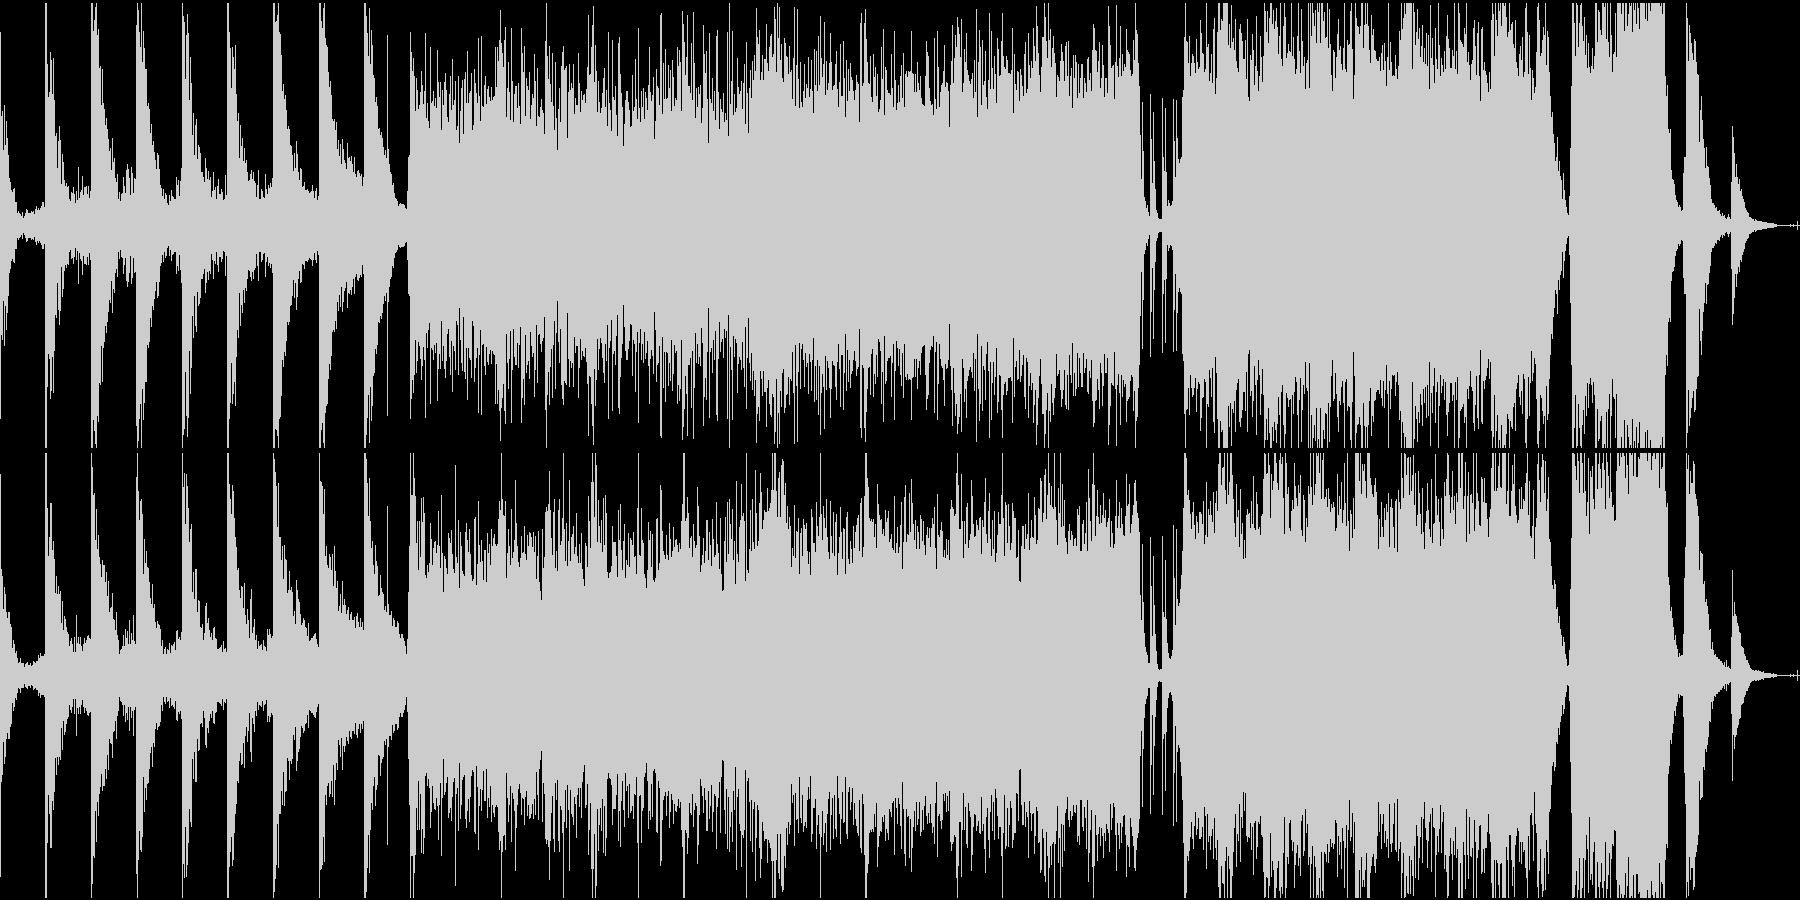 エレクトロ 交響曲 クラシック プ...の未再生の波形